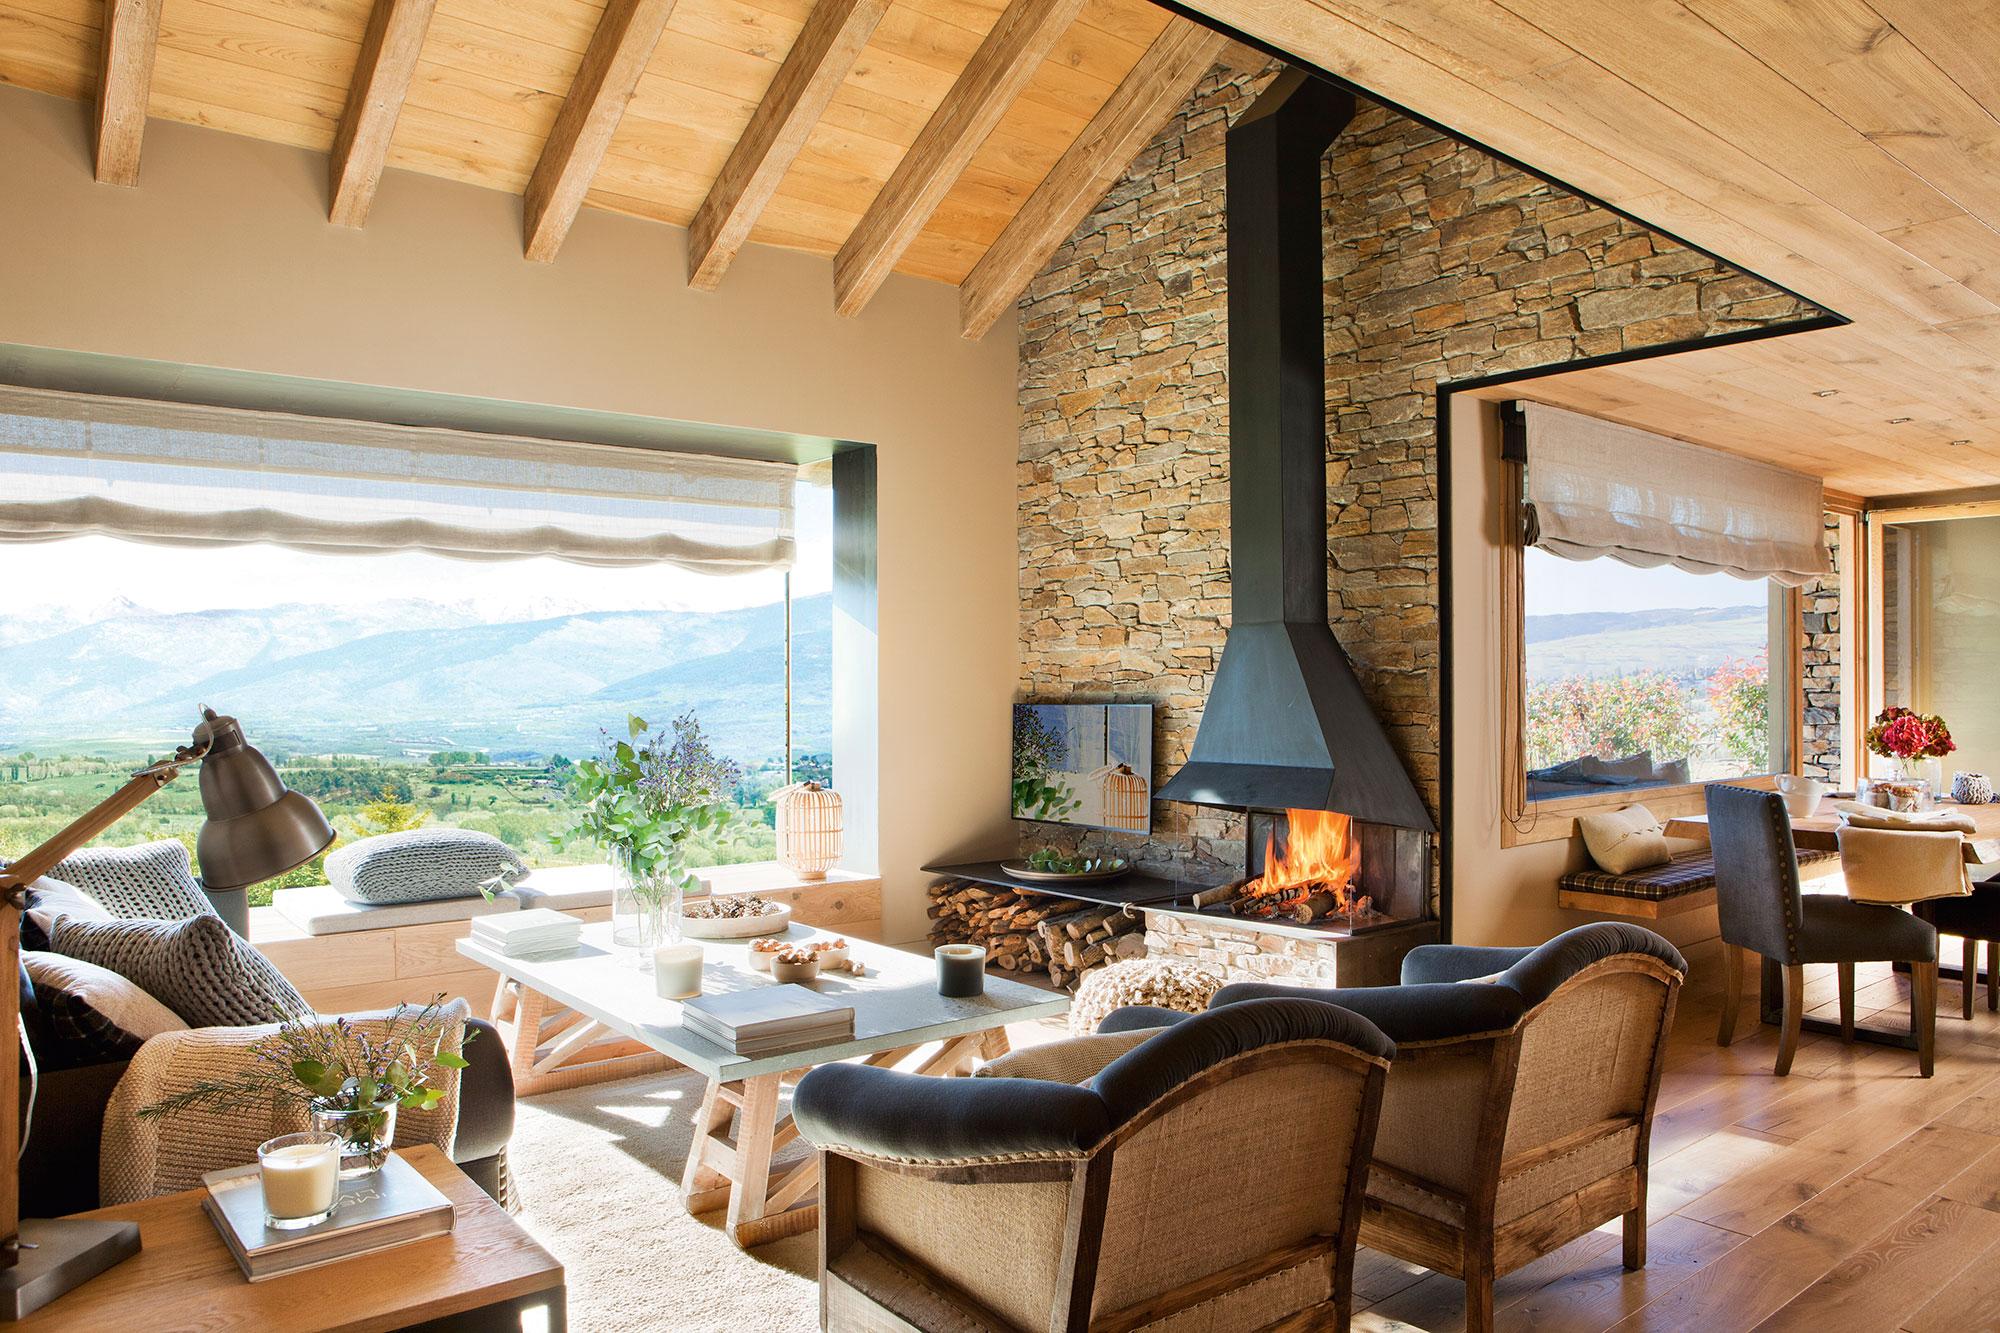 saln rstico con vigas de madera pared de piedra chimenea y vistas al comedor